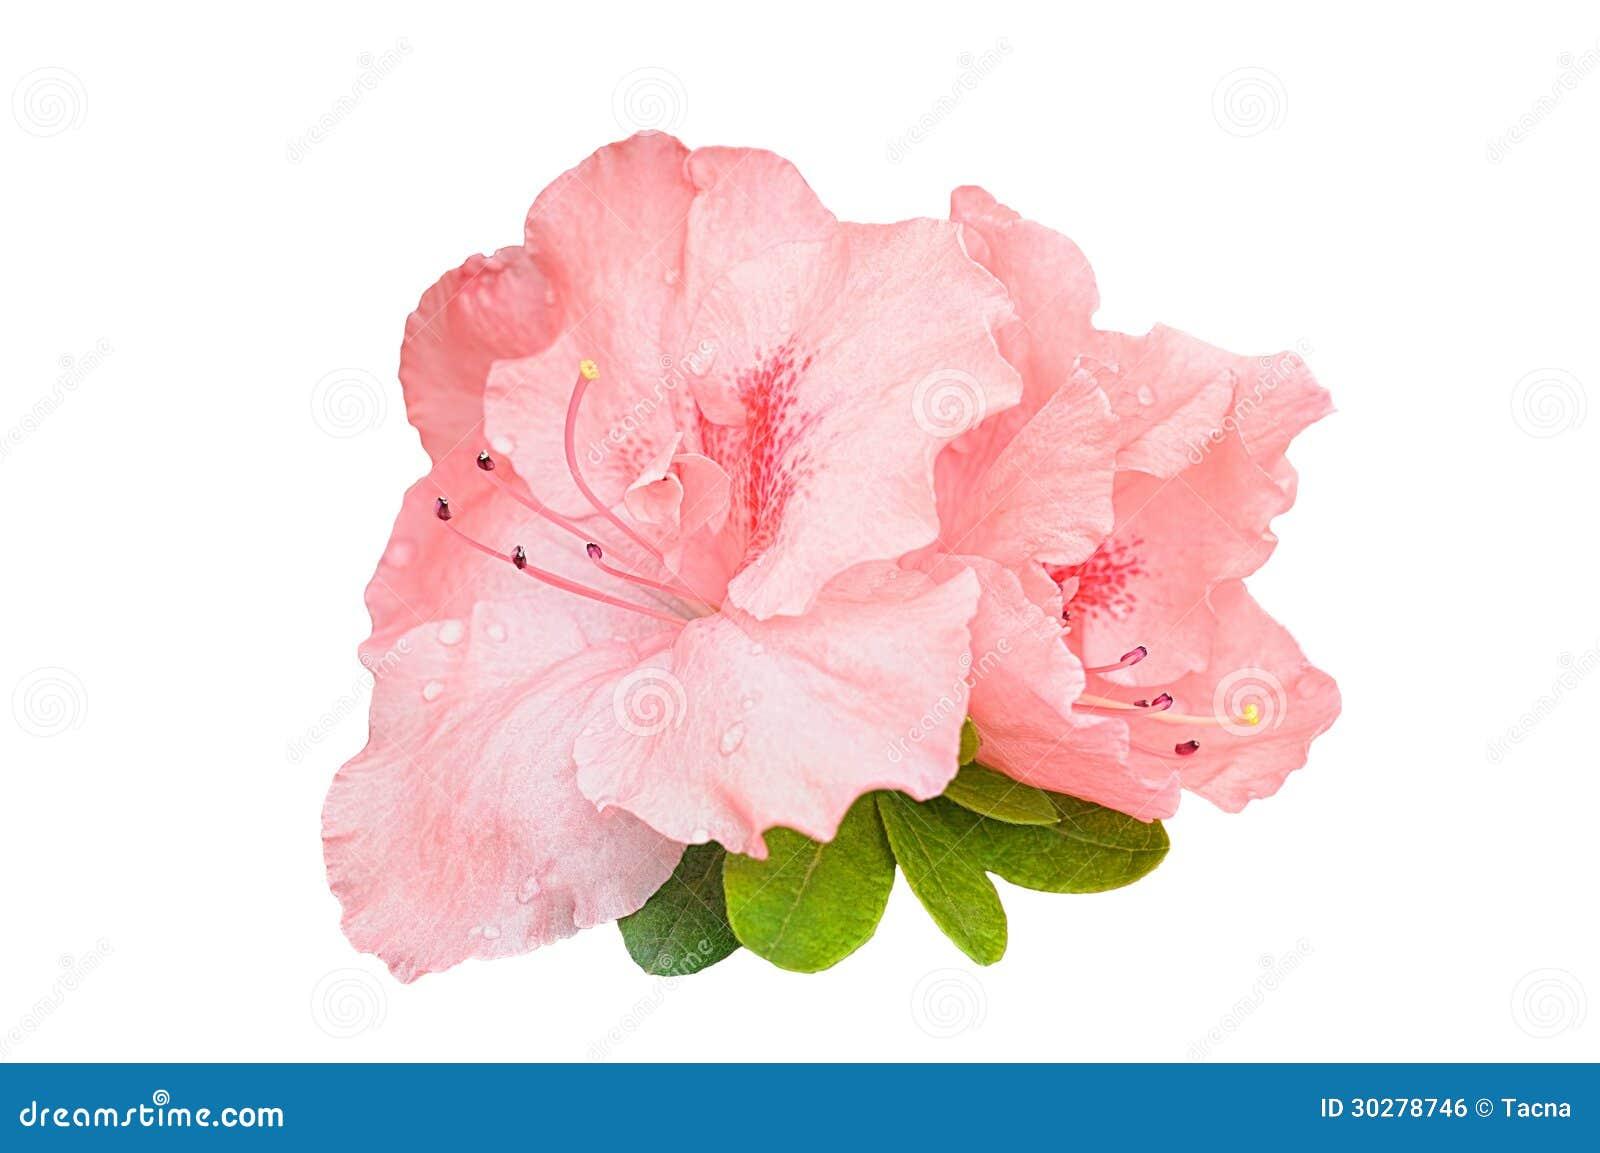 Rhododenrdon花